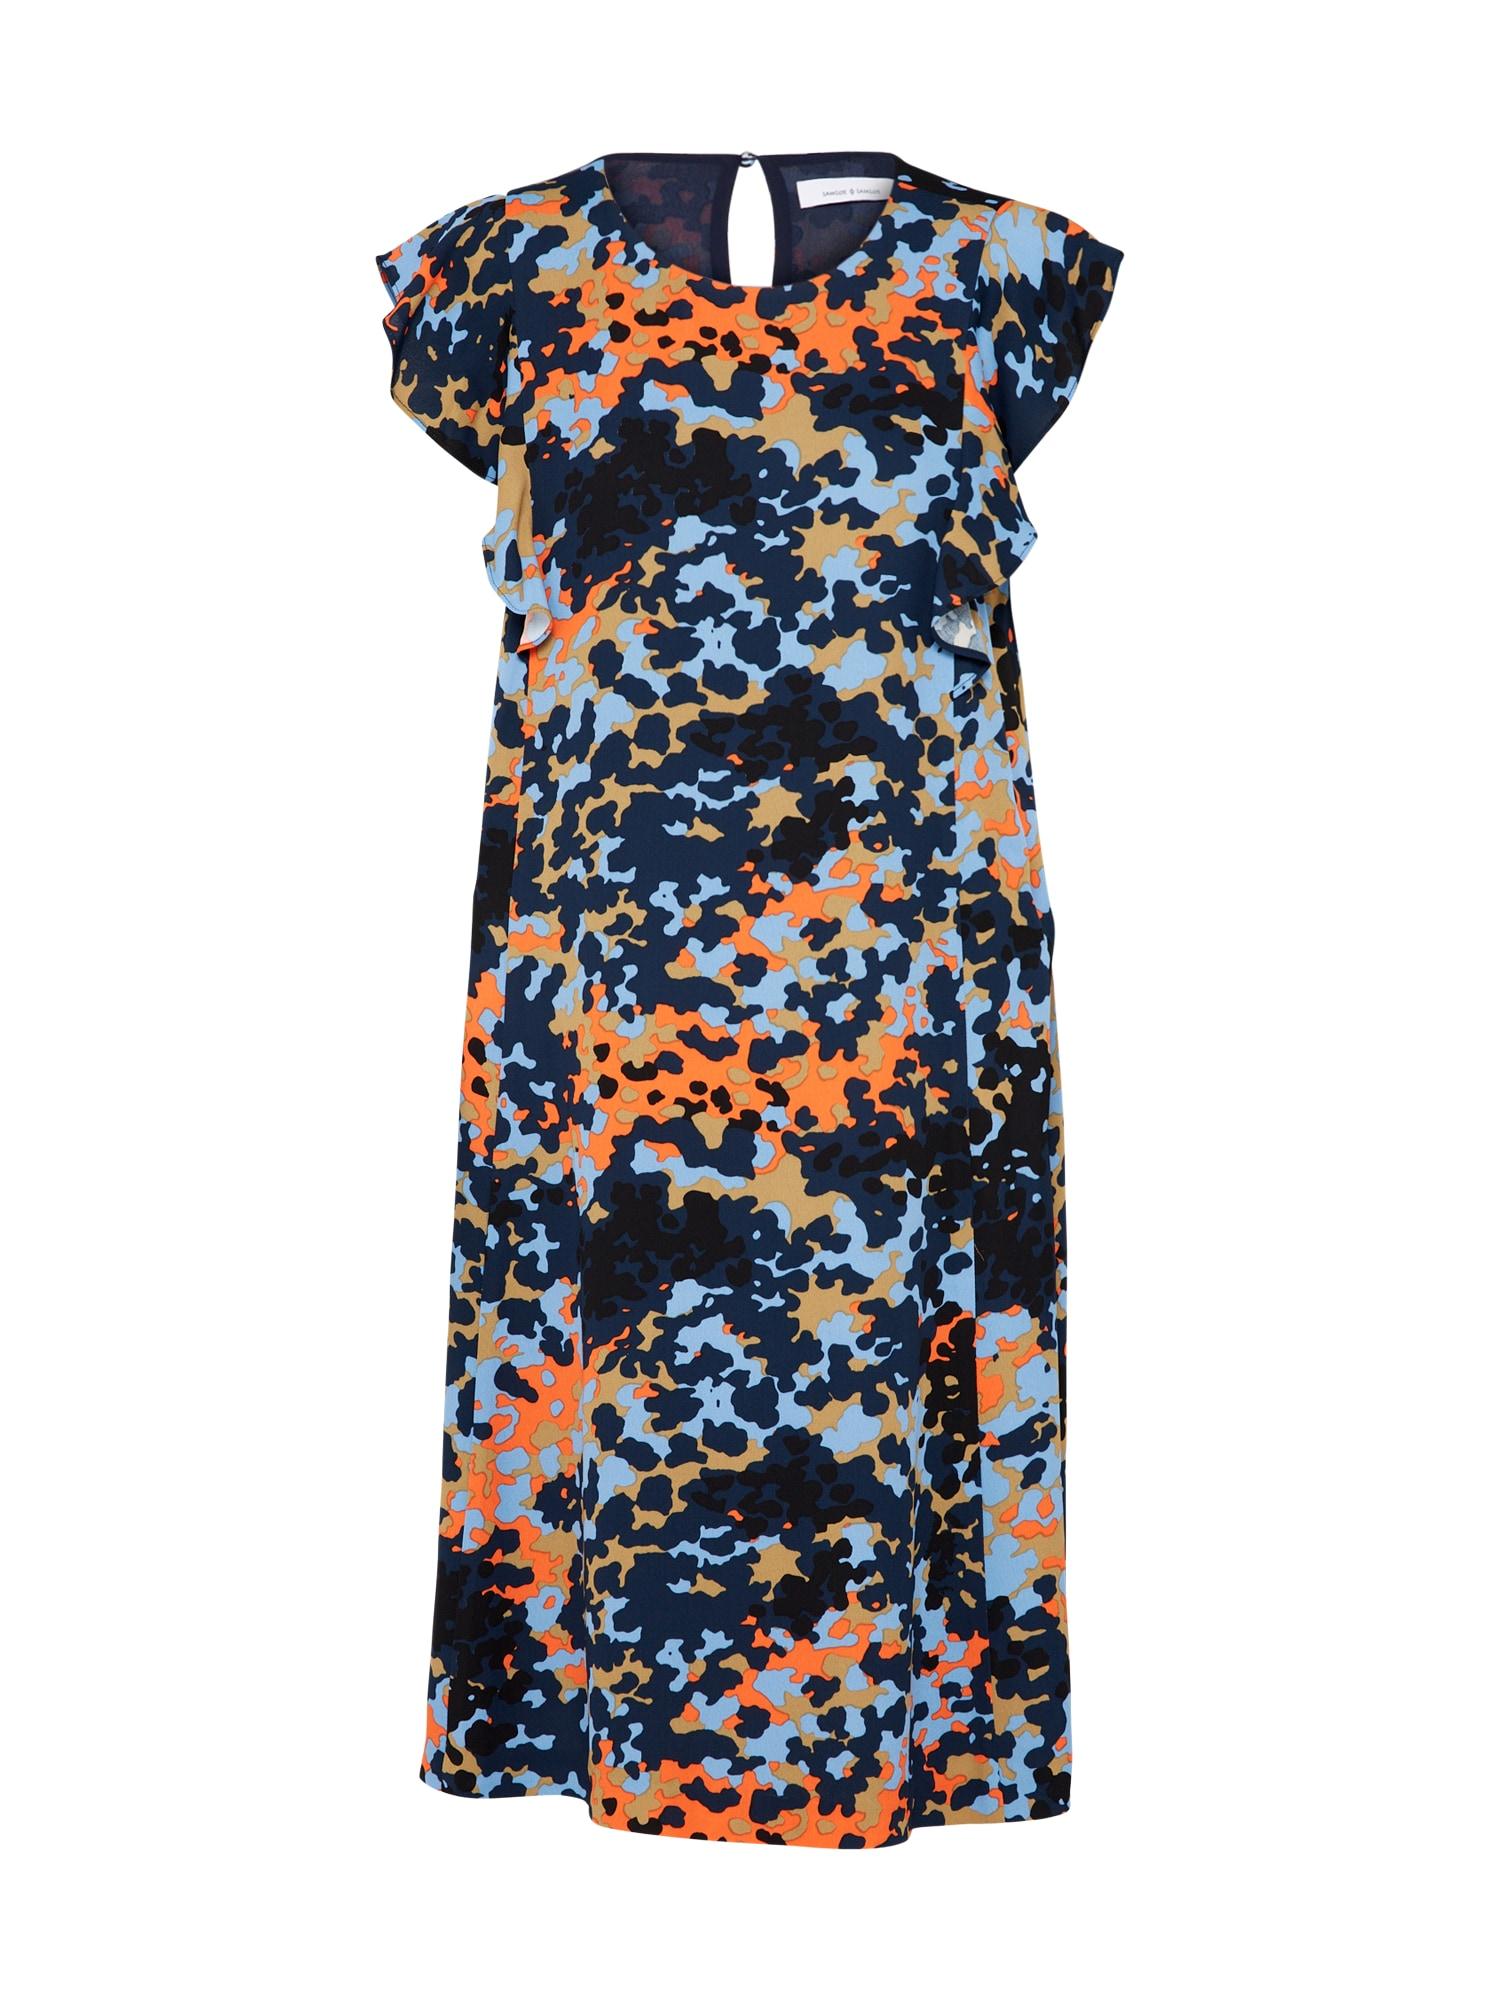 Koktejlové šaty Mentha námořnická modř světlemodrá oranžová Samsoe & Samsoe